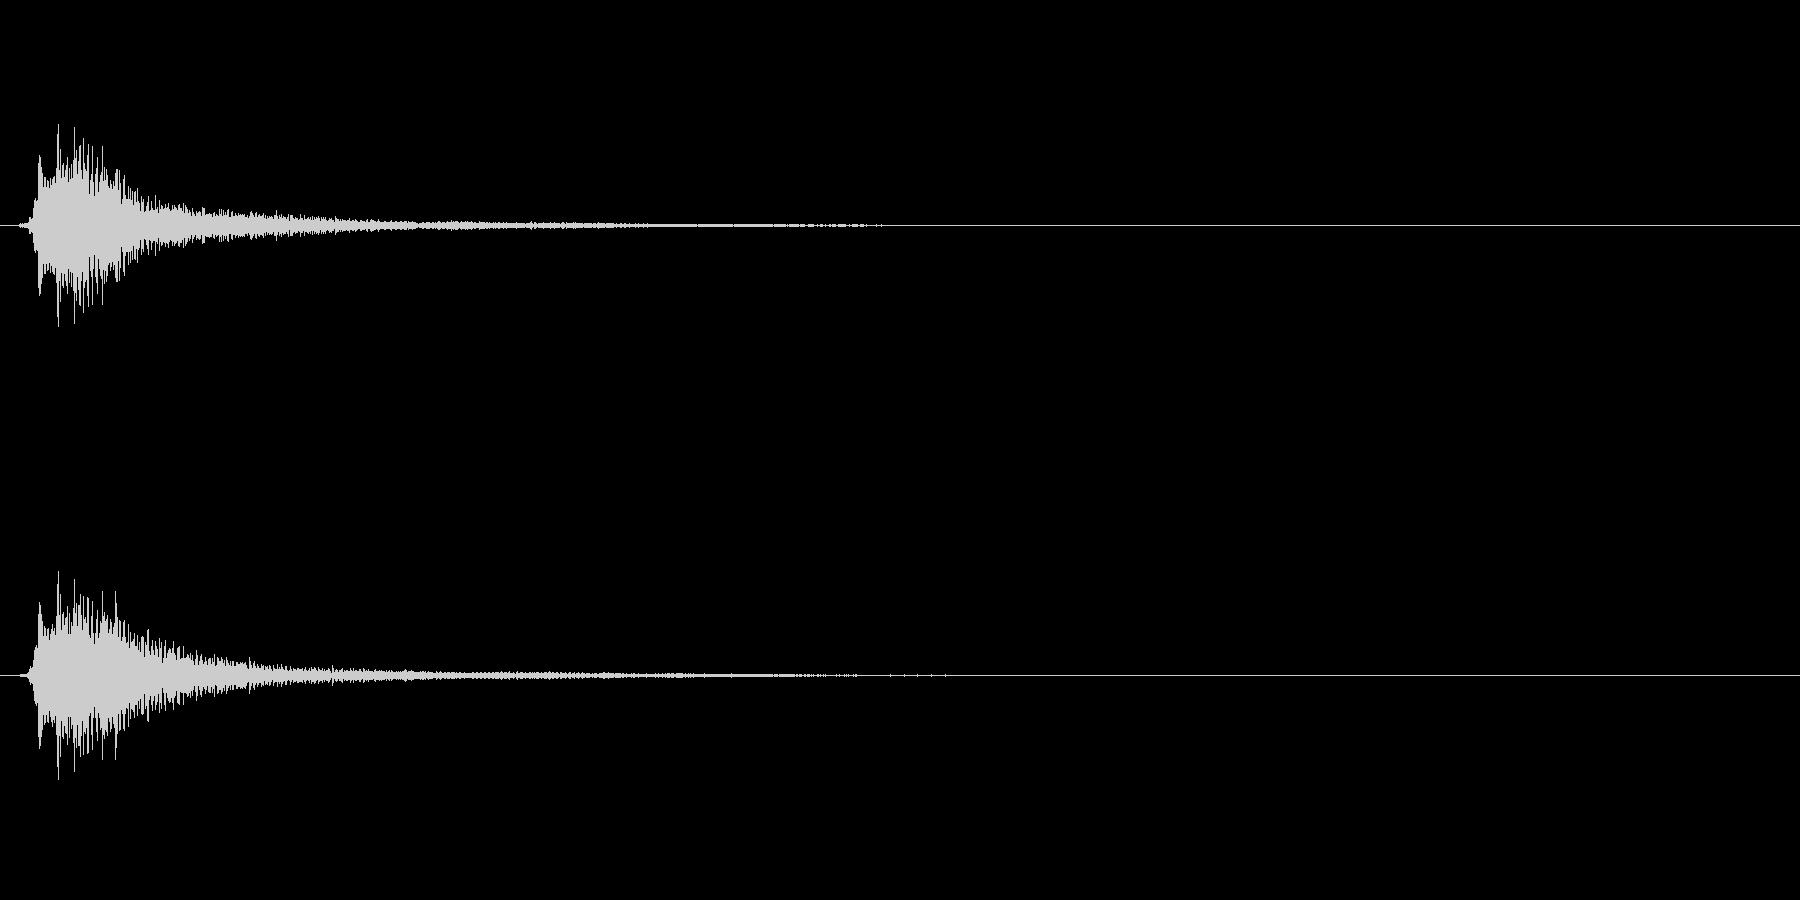 キラキラ系_018の未再生の波形